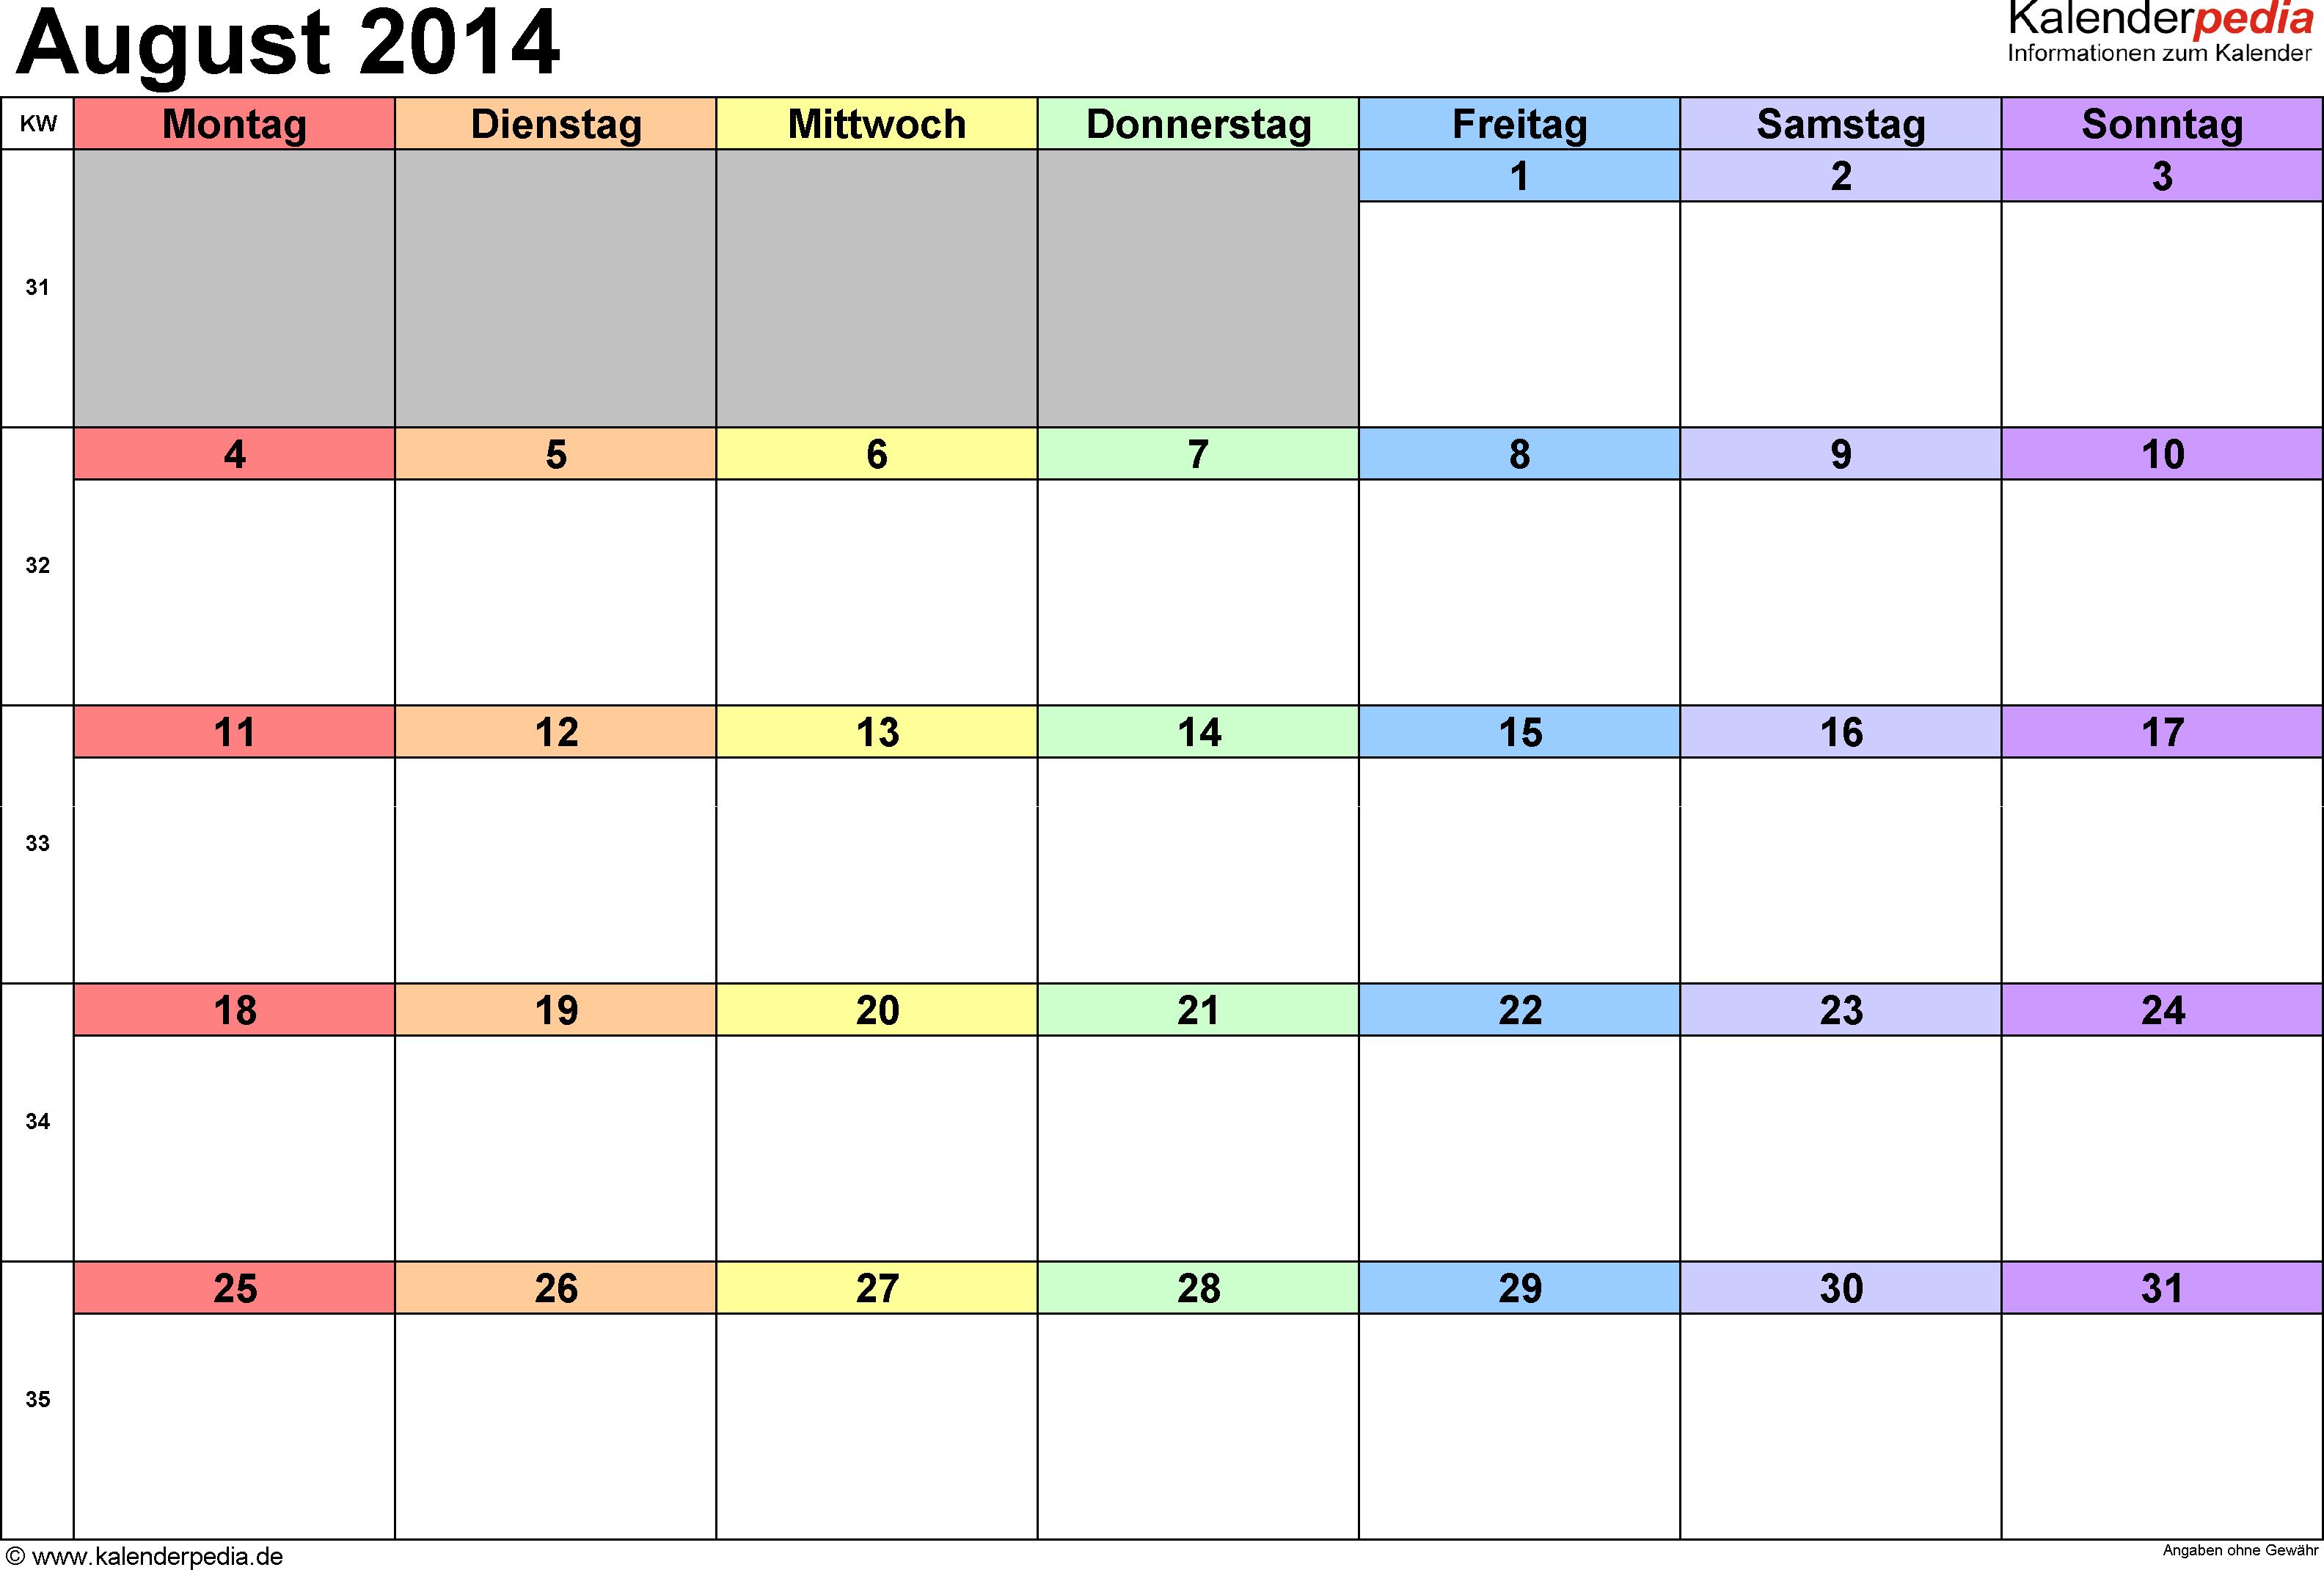 Kalender August 2014 (Querformat) als Excel-Vorlage